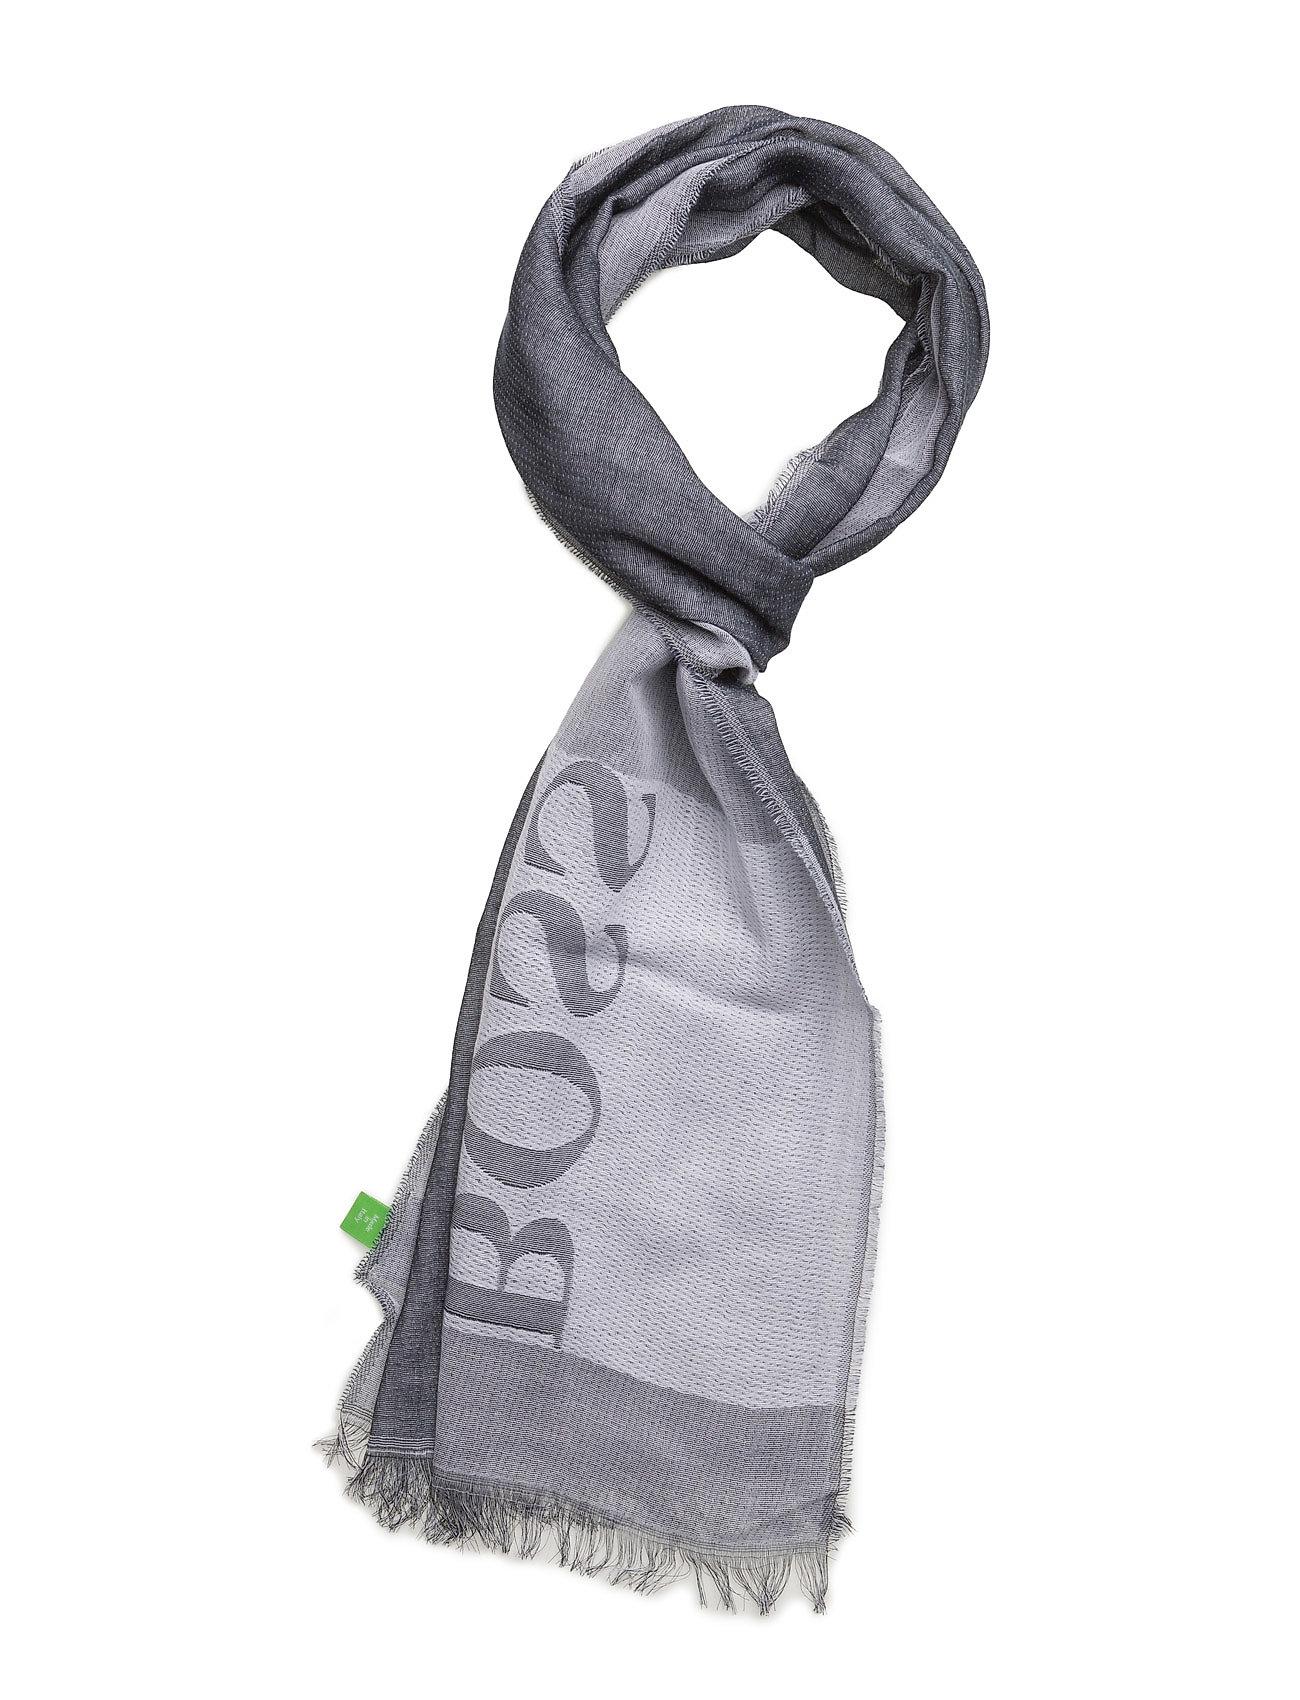 C-Scarf-1 BOSS GREEN Halstørklæder til Herrer i Navy blå